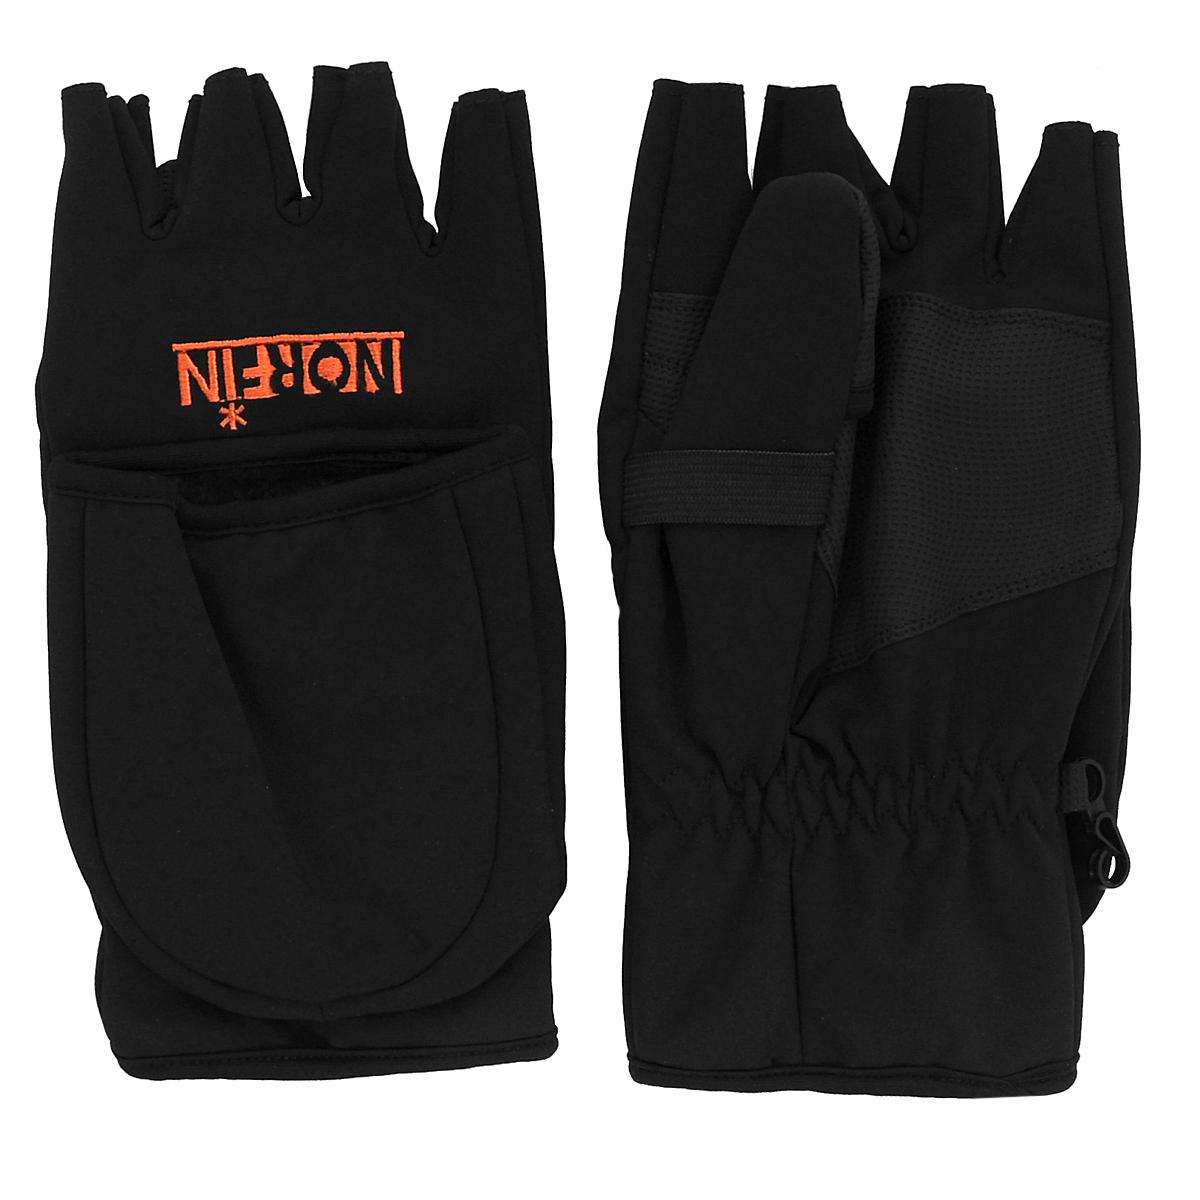 Перчатки-варежки мужские. 703061703061Мужские перчатки-варежки Norfin защитят ваши руки от холода. Перчатки выполнены из мембранного материала Soft Shell, внутренняя часть которого флис. На запястье модель дополнена эластичной вставкой. Изделие представляет собой перчатки без пальцев, к внешней стороне которых крепится капюшон, накинув его на пальцы, перчатки превращаются в варежки. В таких оригинальных перчатках-варежках вам будет тепло и уютно!